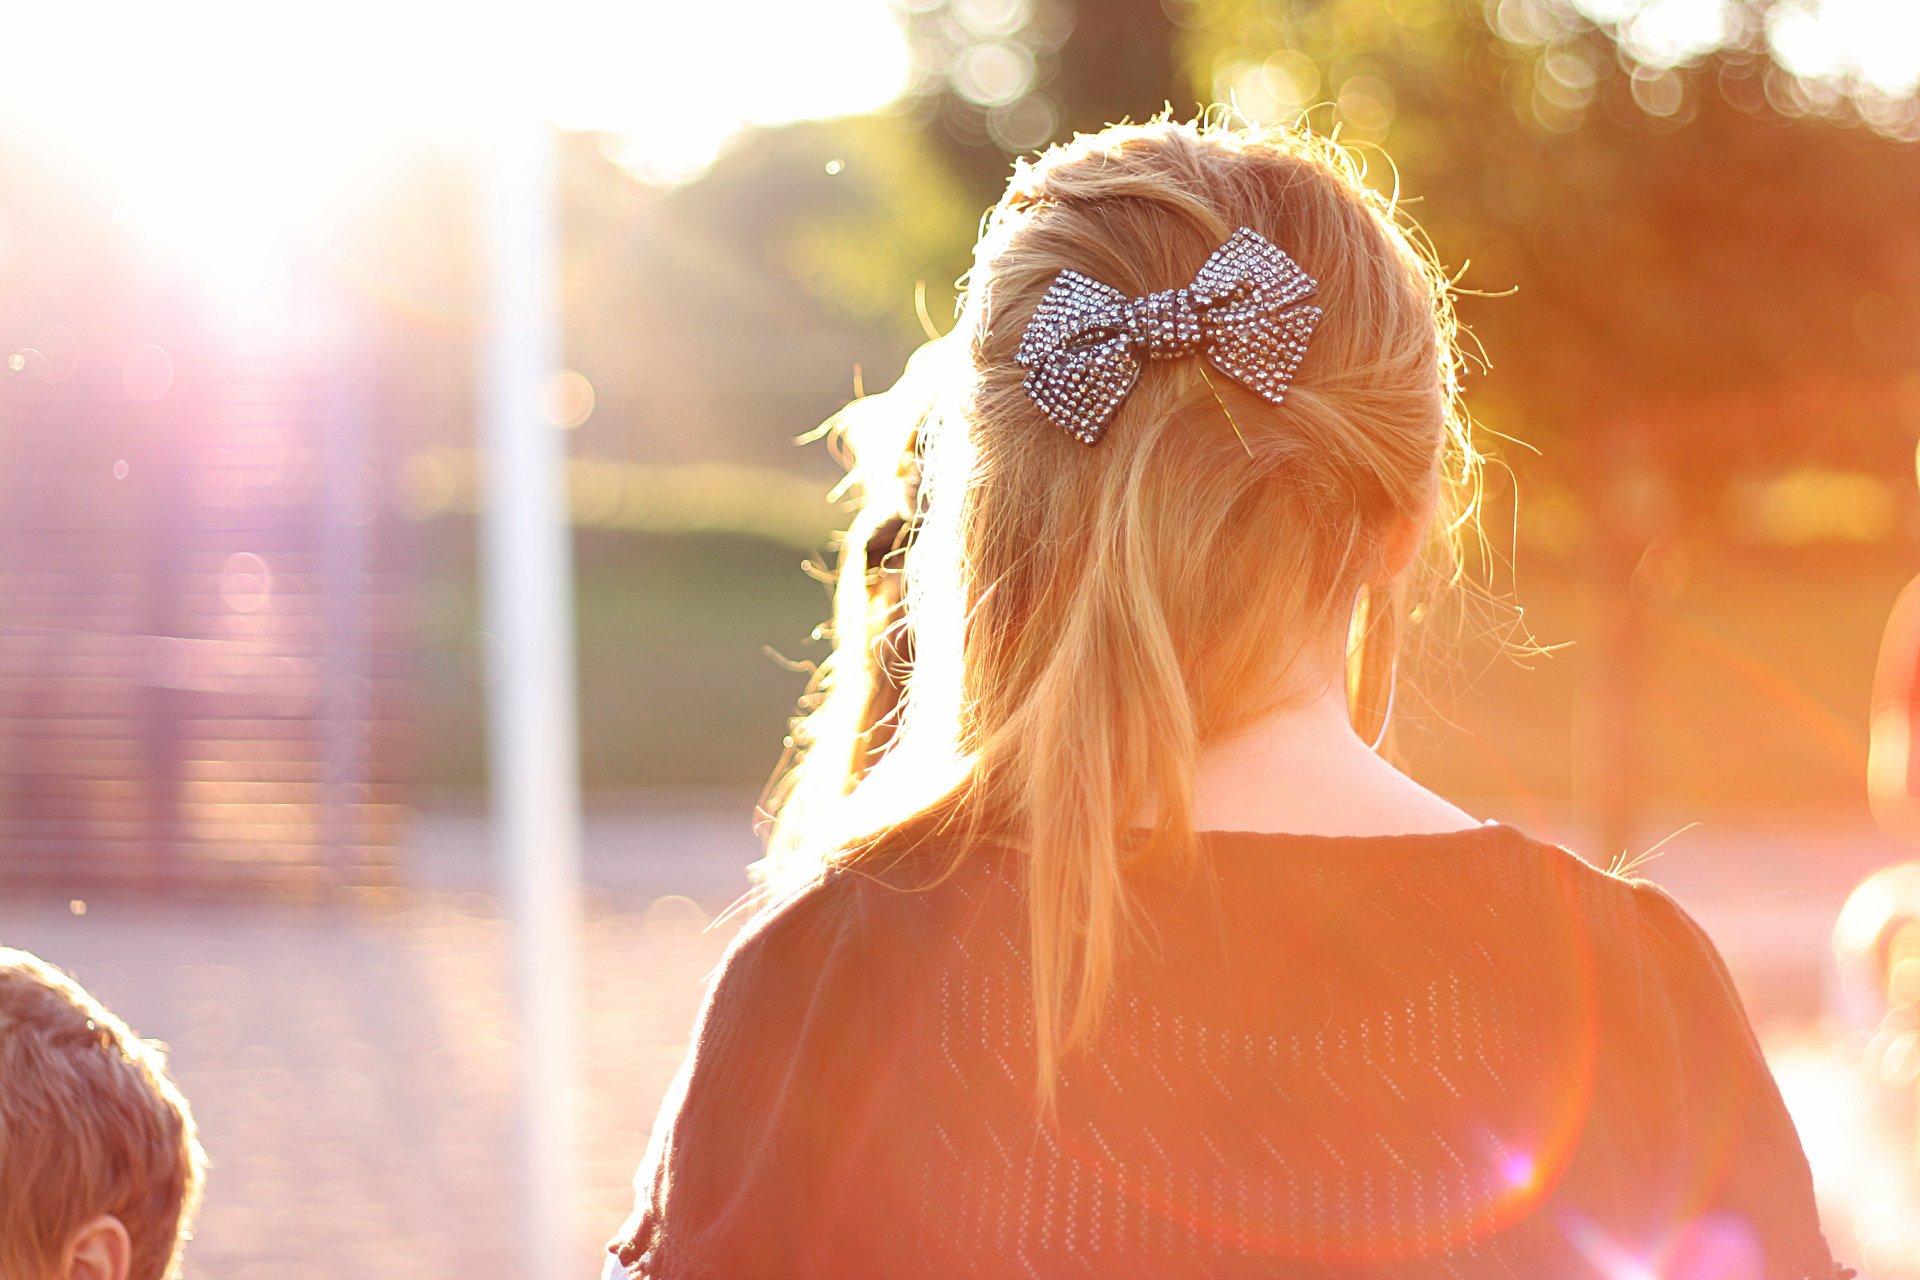 Девушка с русыми волосами со спины фото